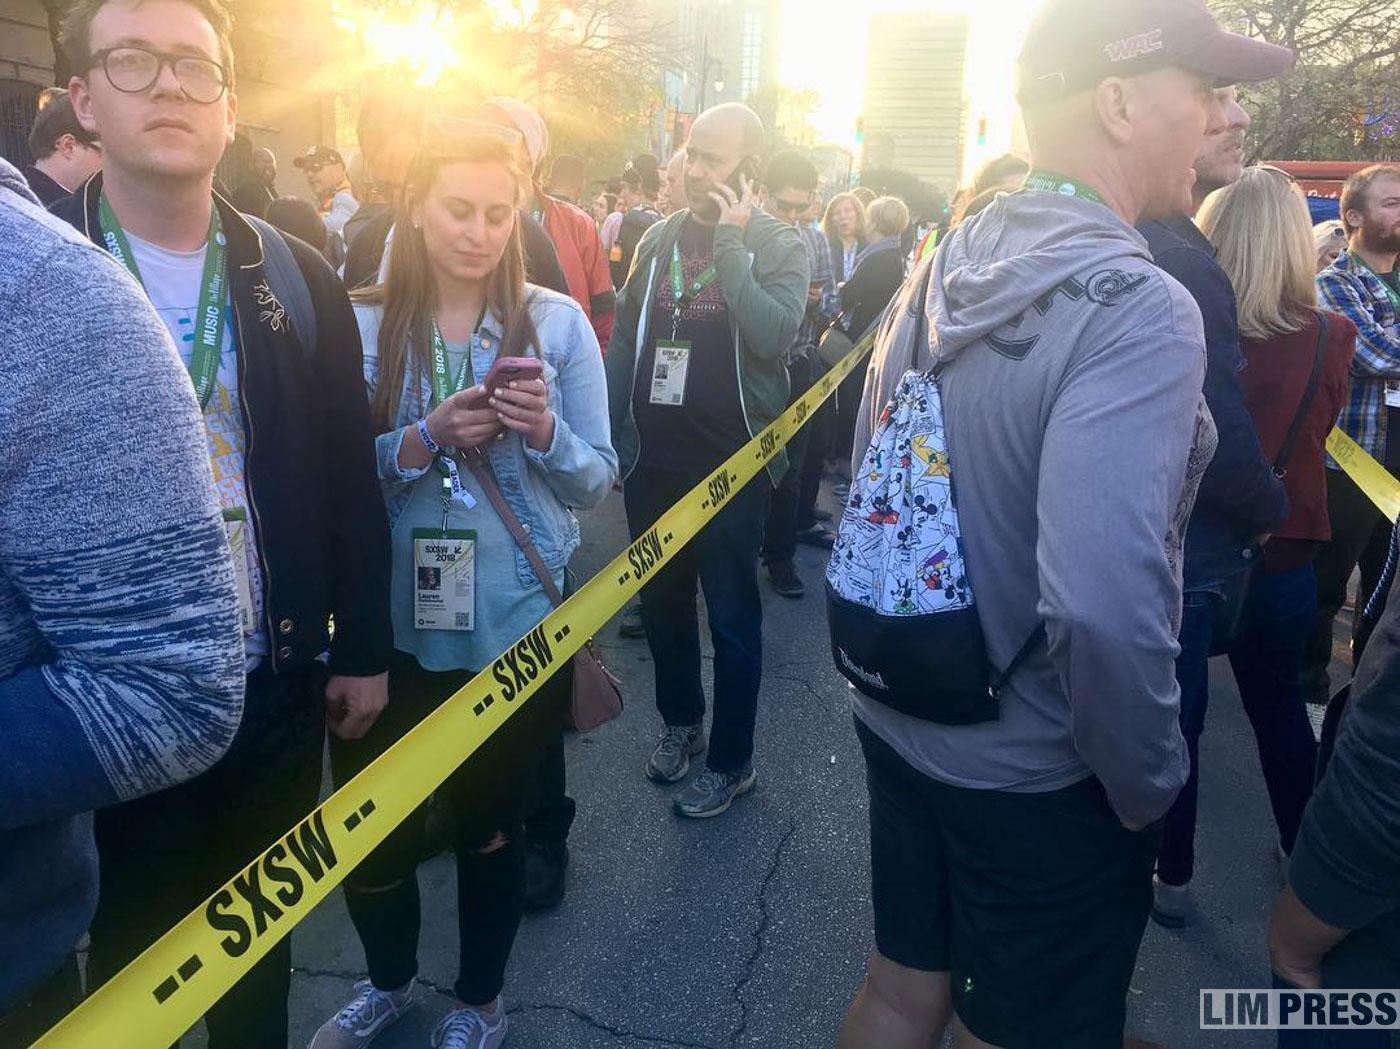 SXSW Music Festival 2018 ライブレポート Part 1